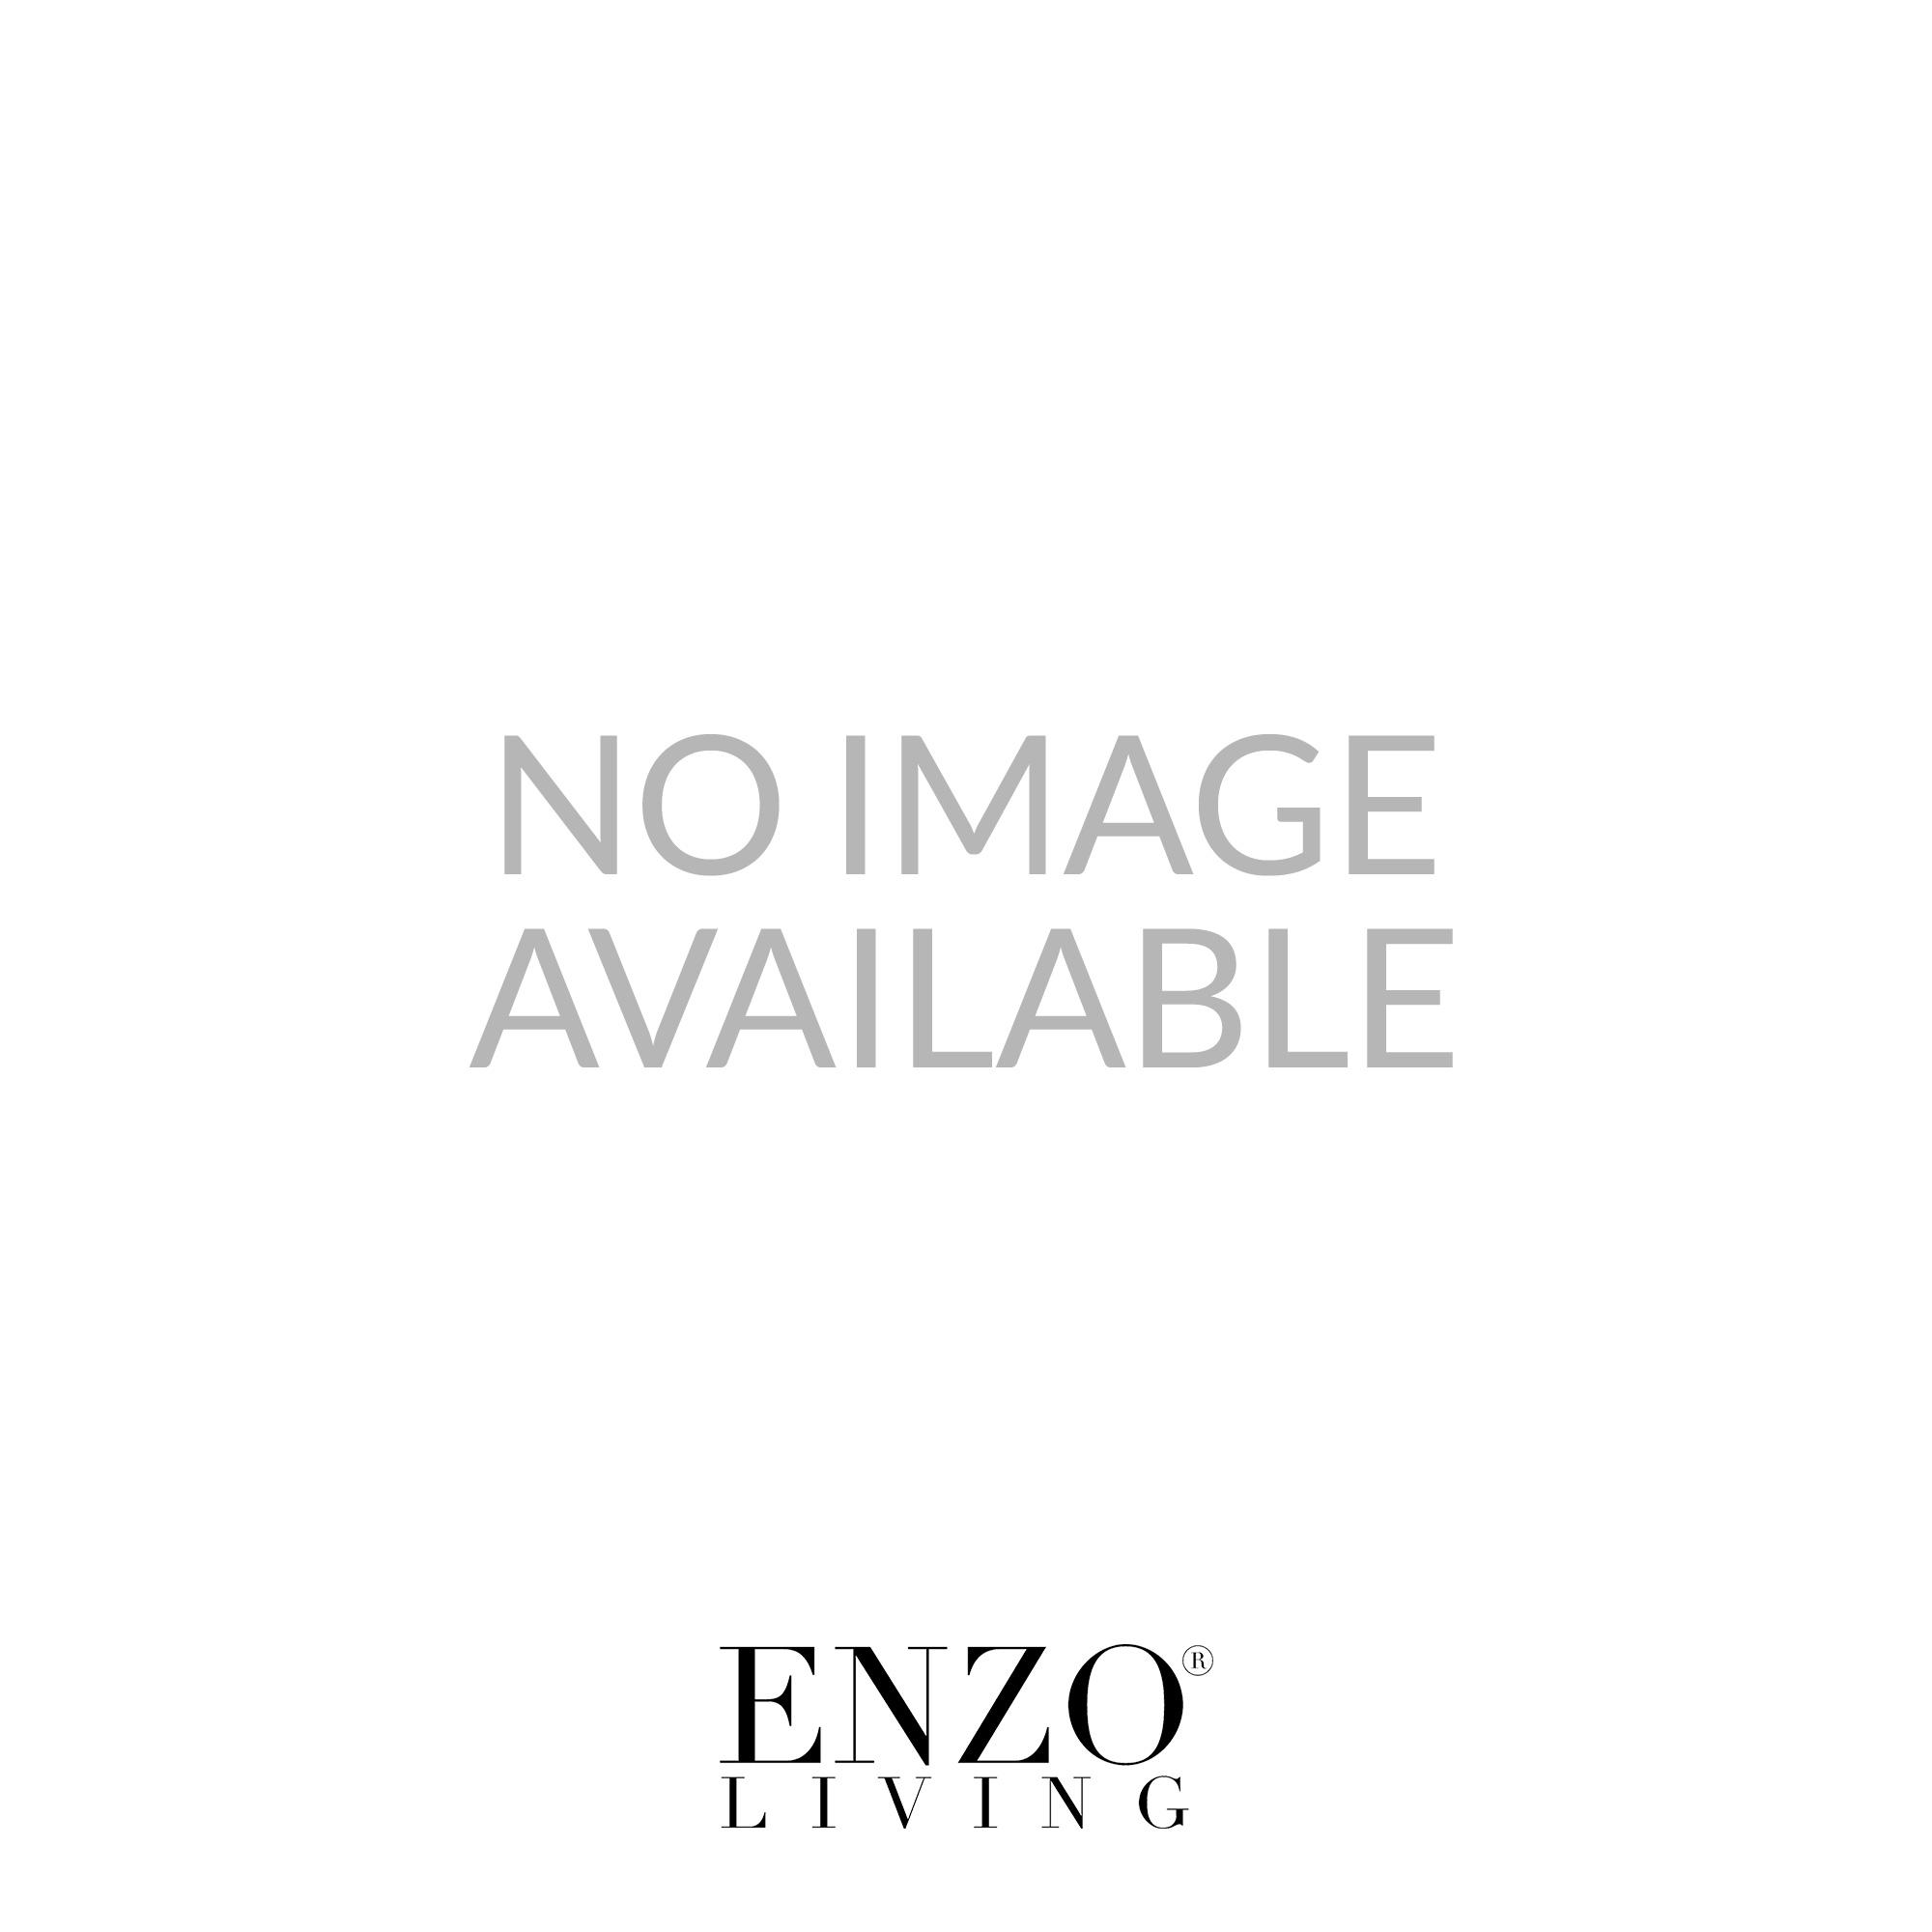 FL2225/5 Monaco 5 Light Crystal Ceiling Light Satin Nickel